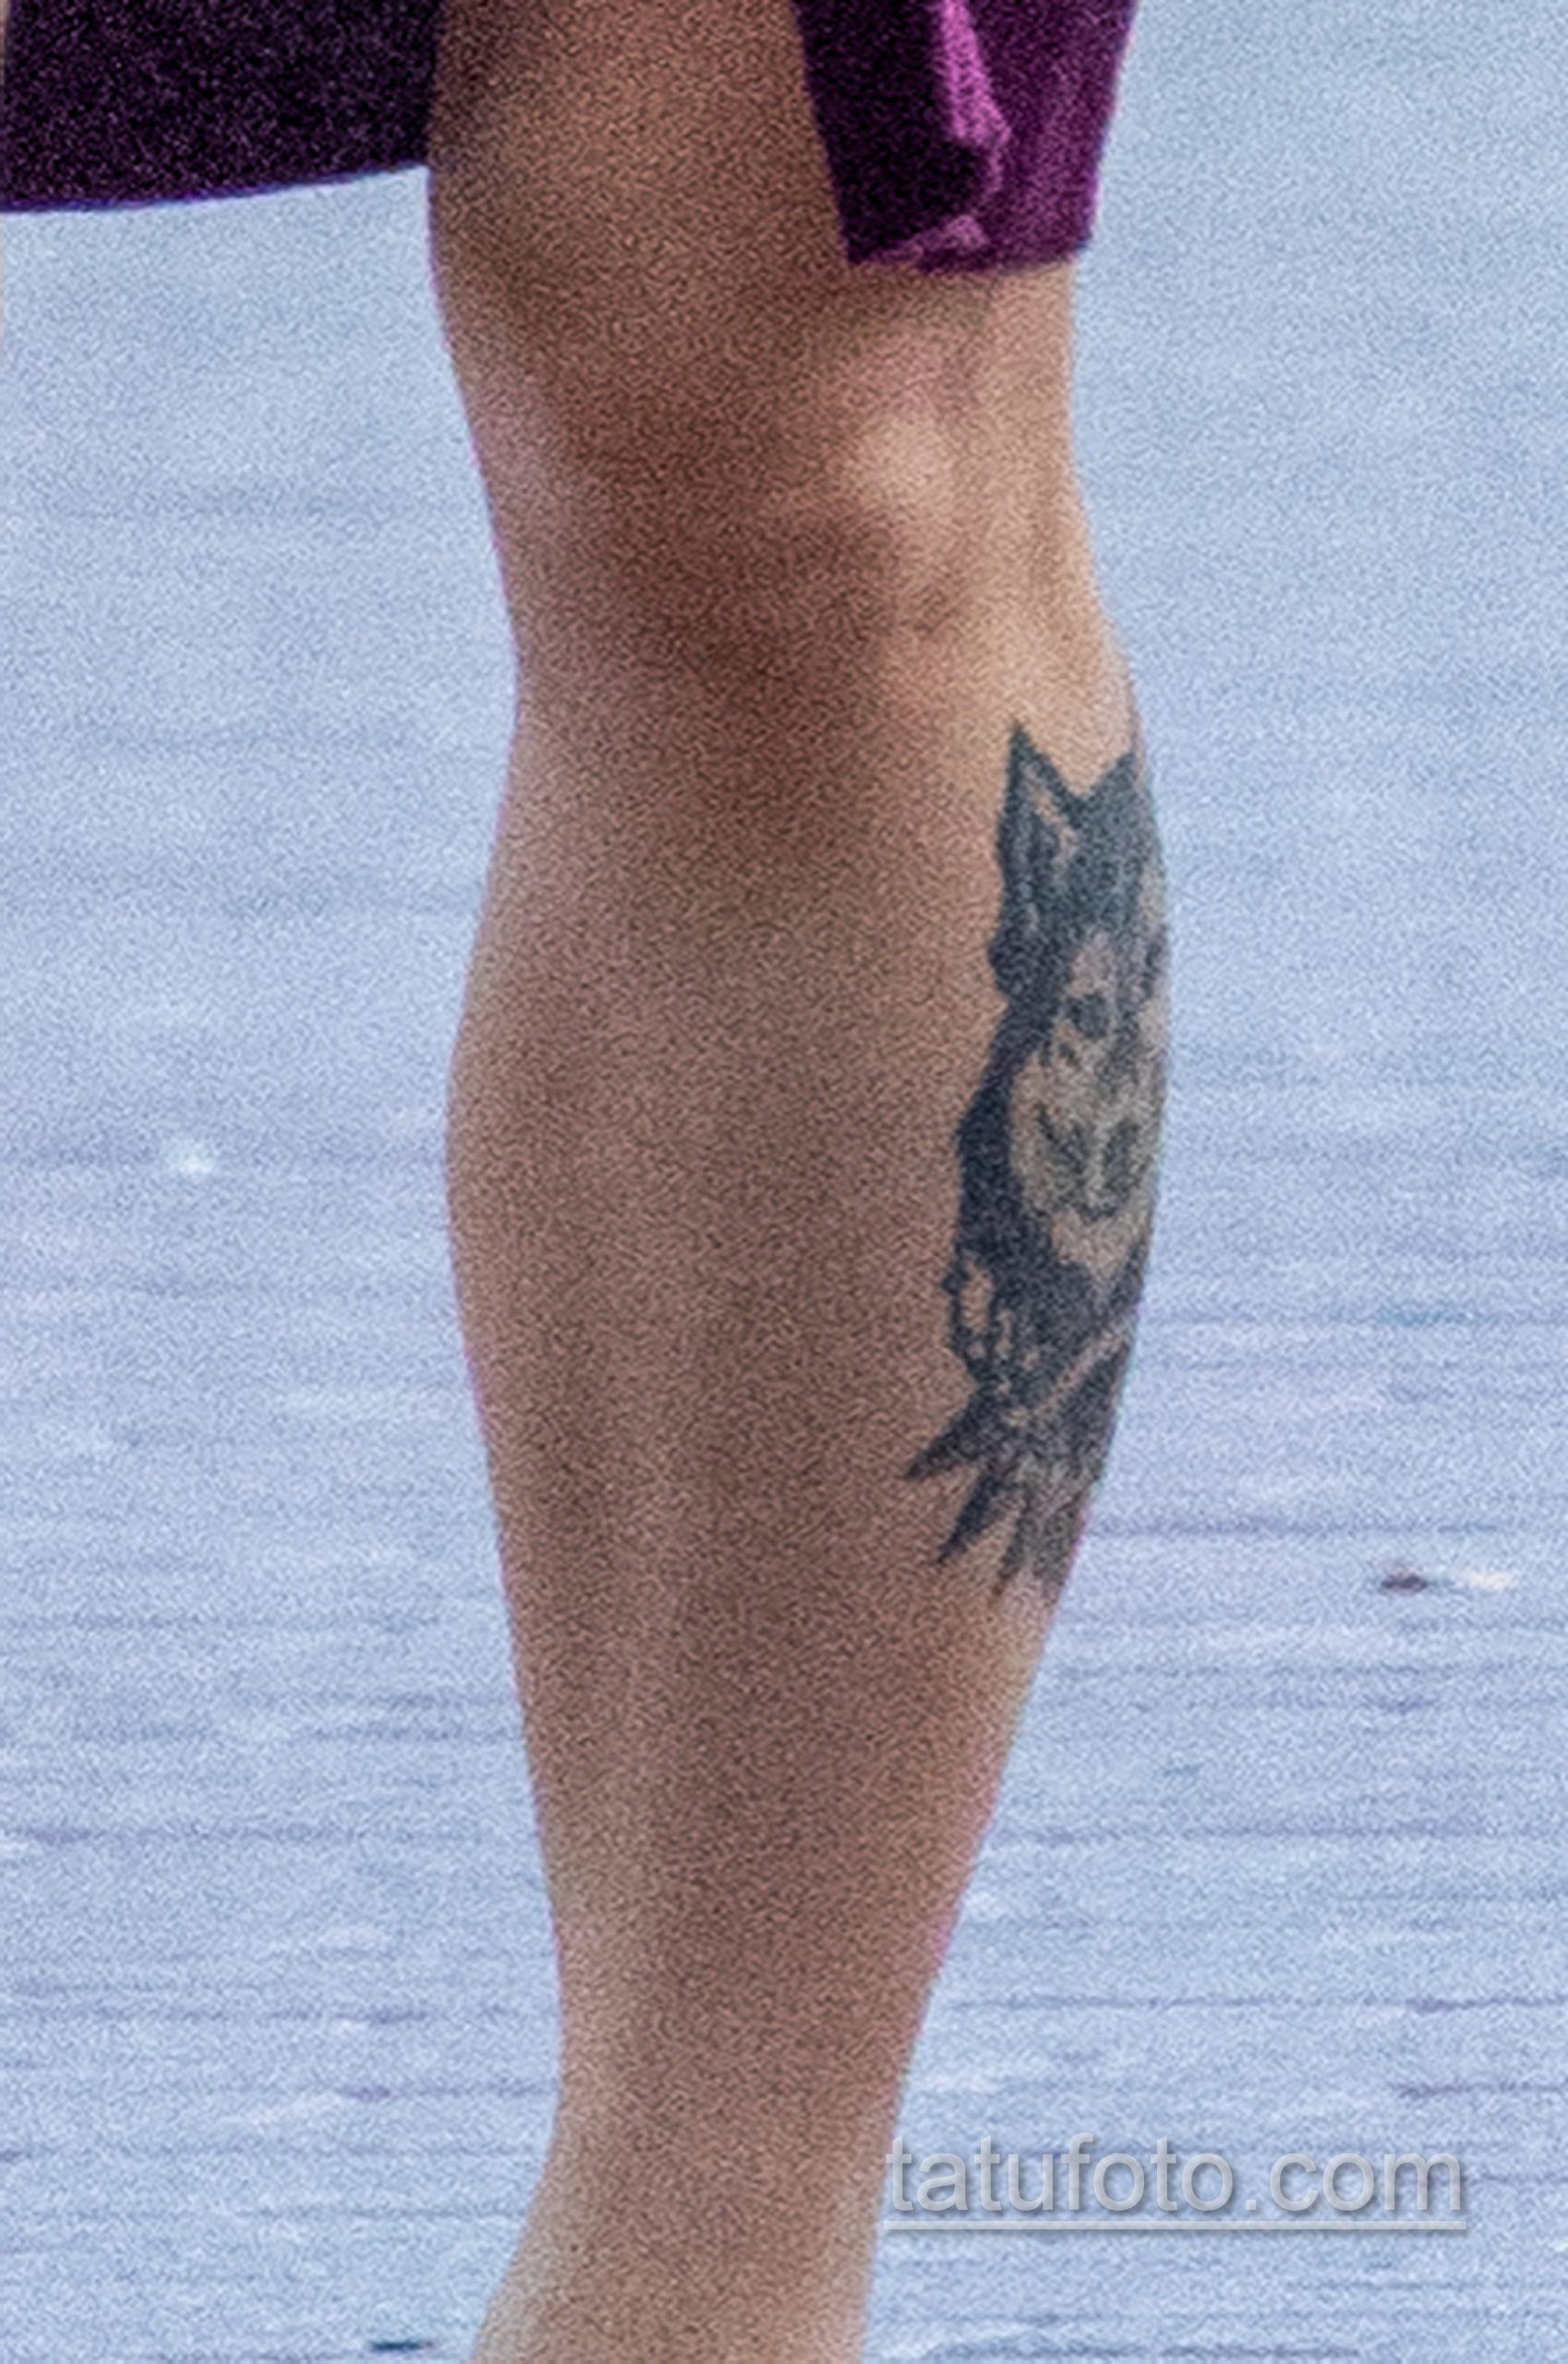 Тату с волком внизу ноги девушки - Уличная татуировка 14.09.2020 – tatufoto.com 2